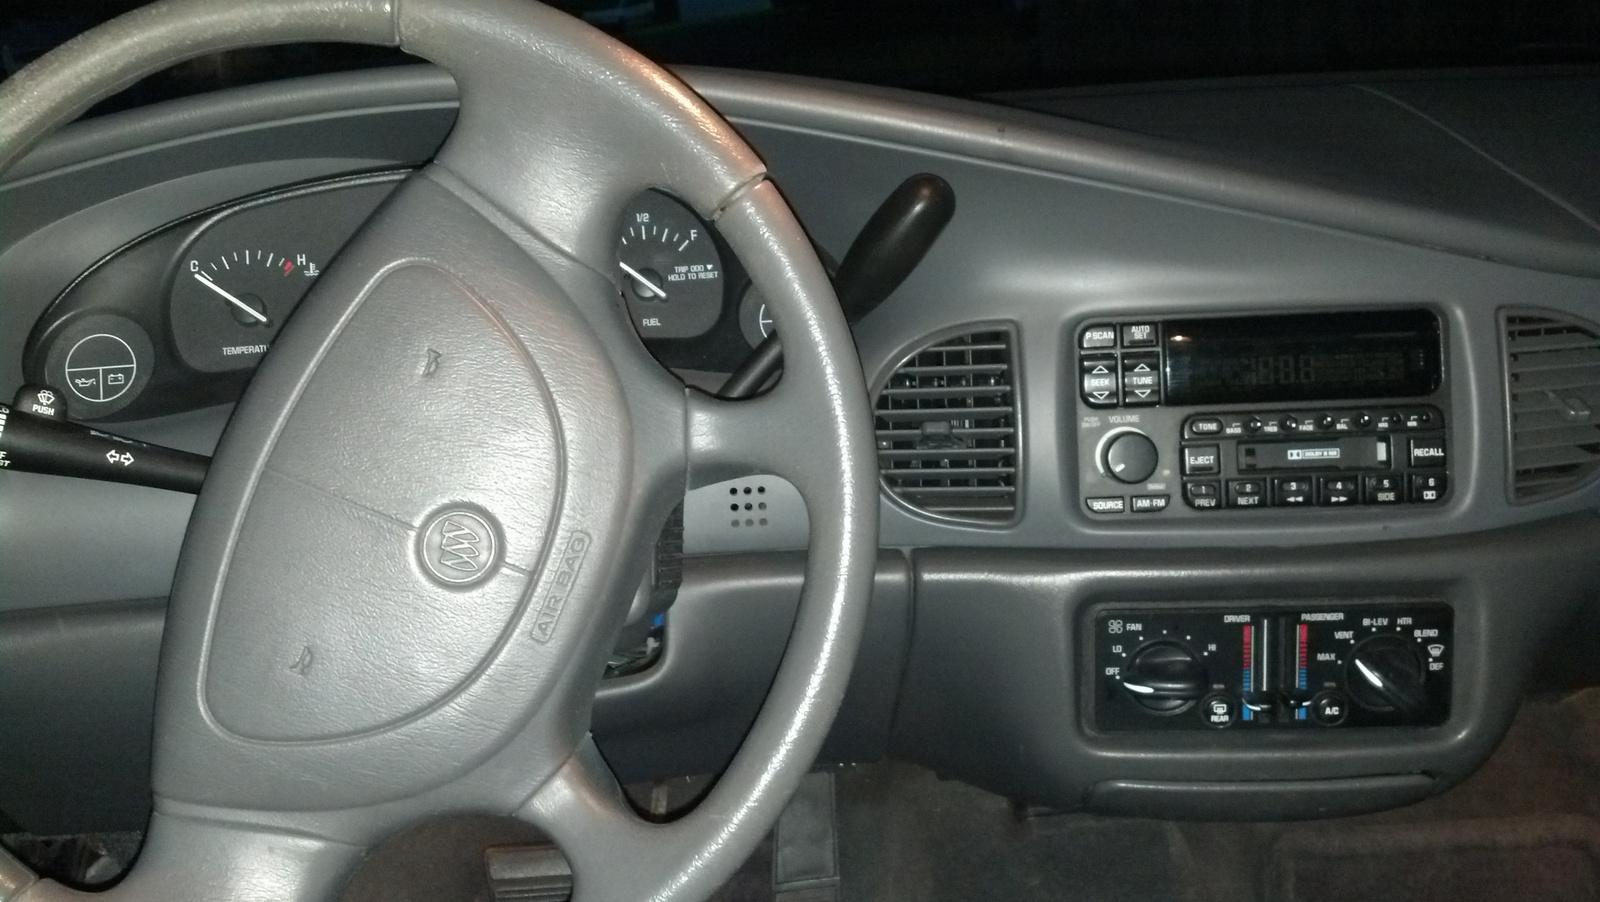 1996 Buick Lesabre >> 2003 Buick Century - Pictures - CarGurus